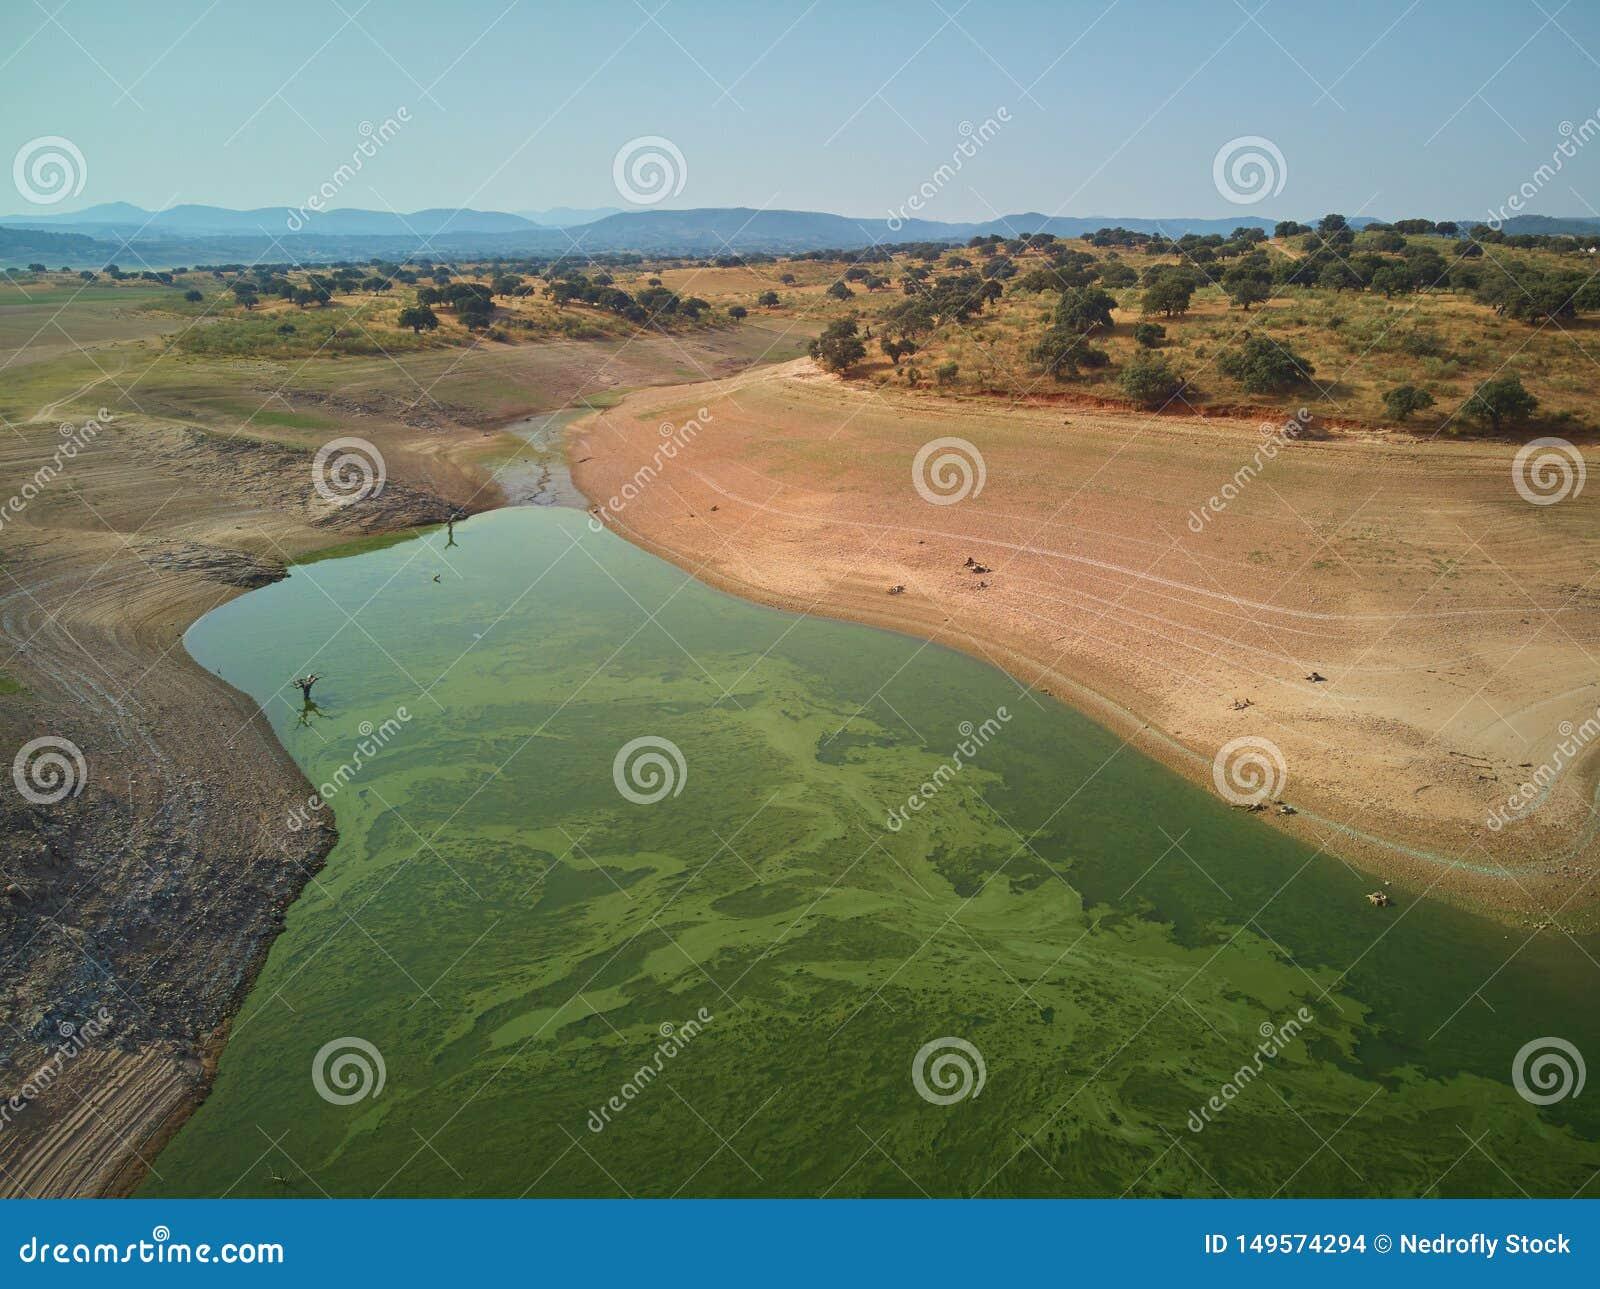 Vogelperspektive des Valdecañas-Reservoirs, mit grünem Wasser von den Algen und natürliche Linien des Abfalls des Wassers frech